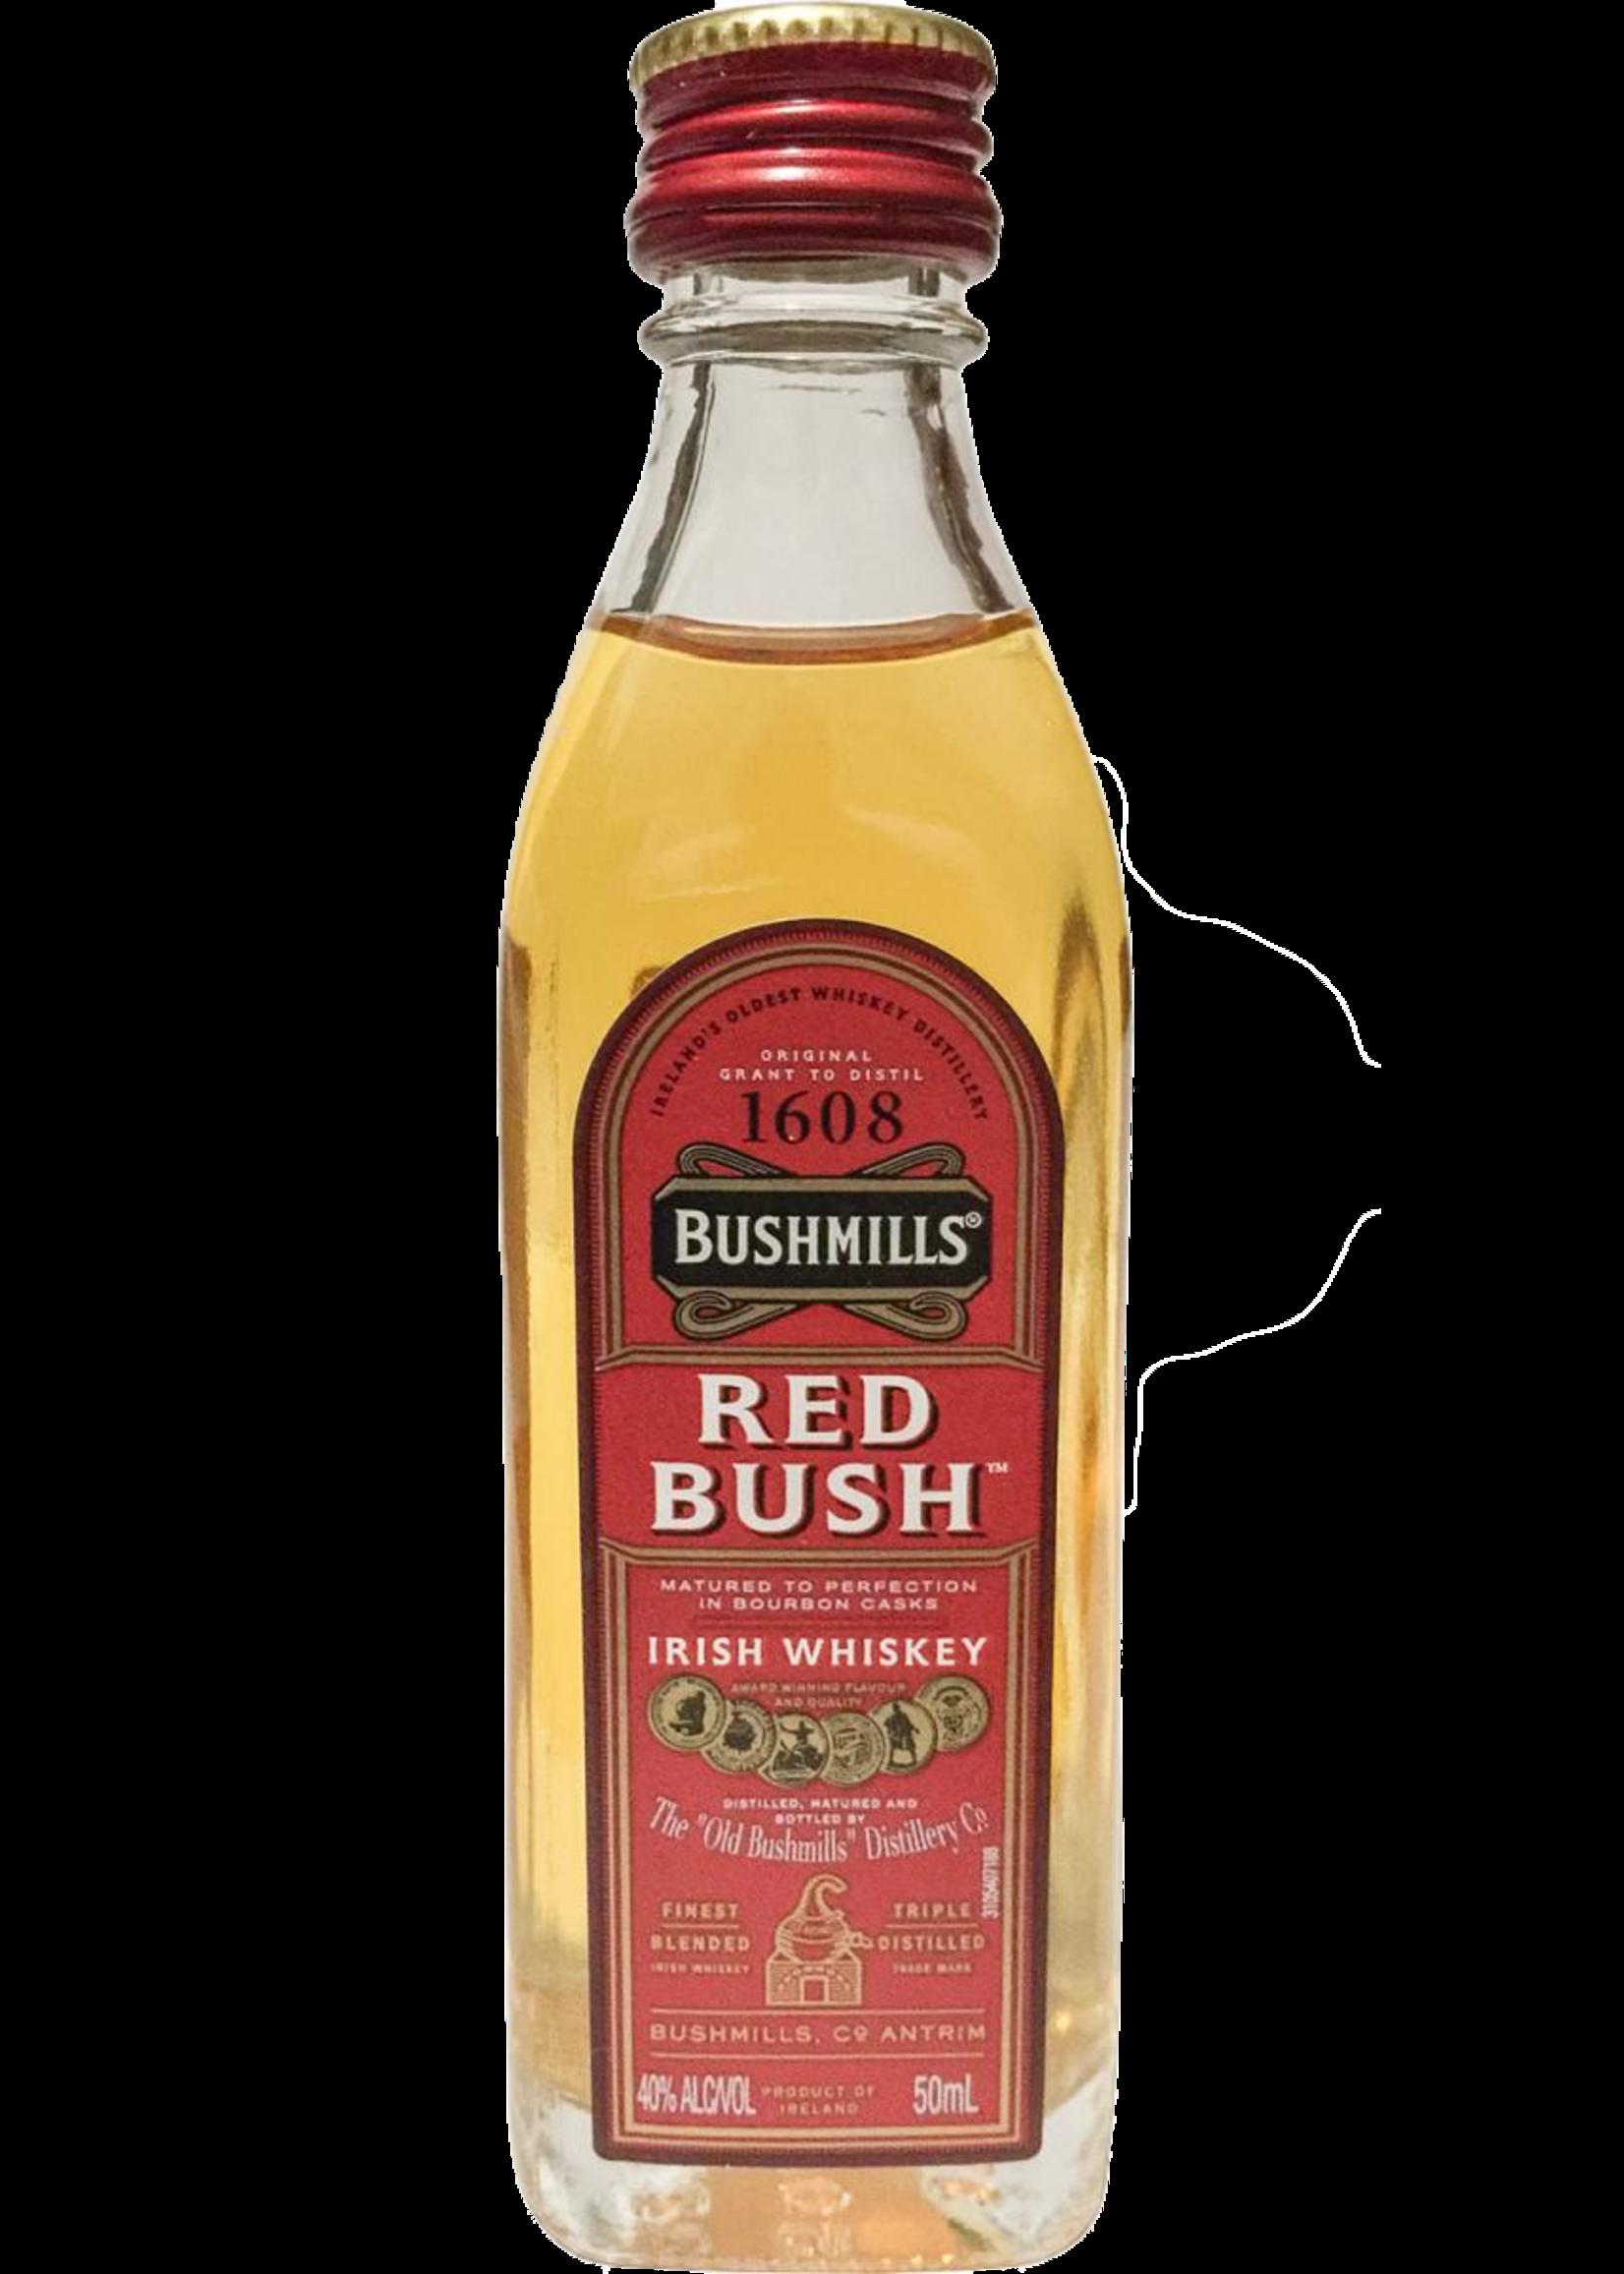 Bushmills Bushmills / Red Bush Blended Irish Whiskey / 50mL